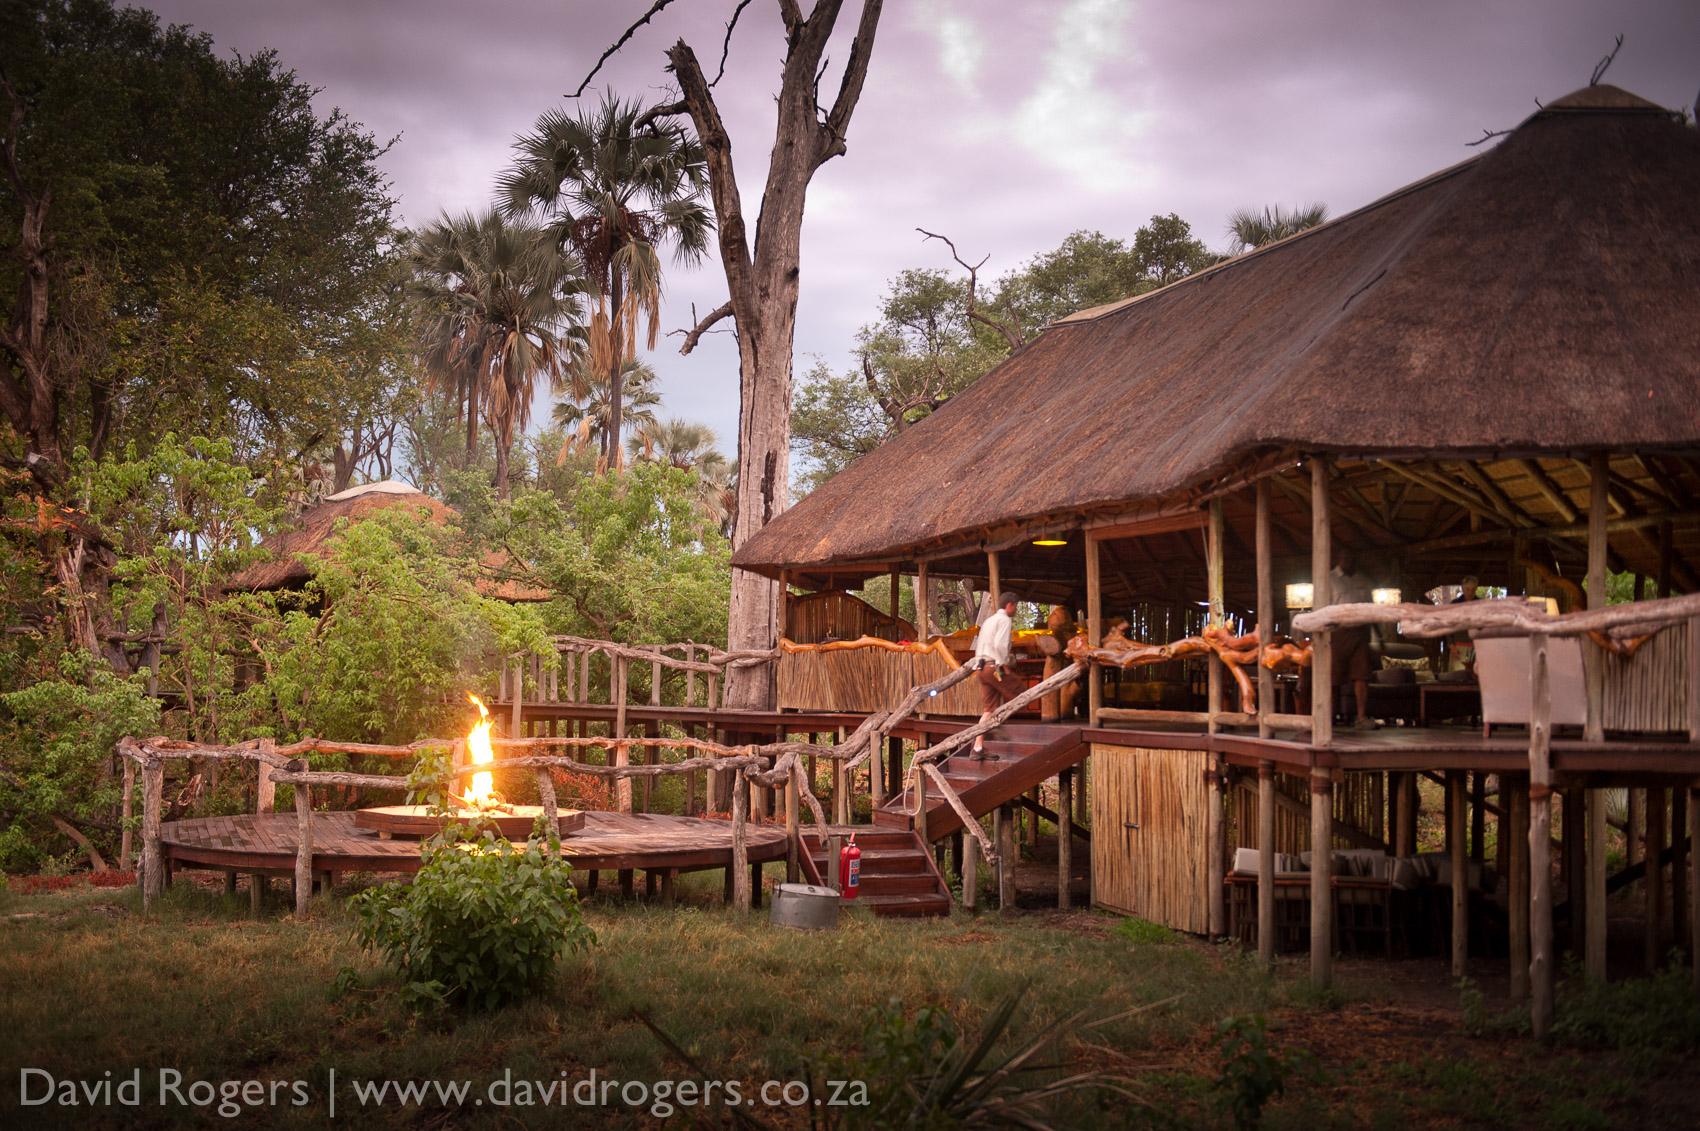 201111_Botswana_3521_2